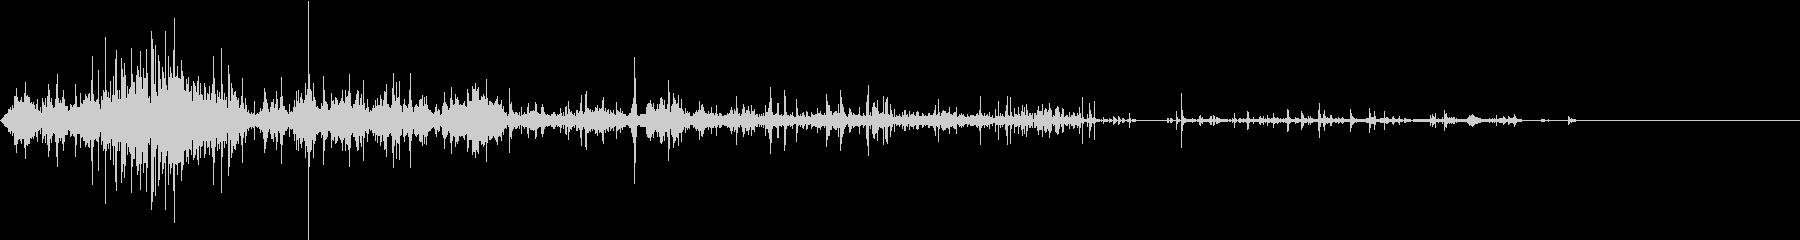 【生録音】ゴミの音 7 握りつぶすの未再生の波形